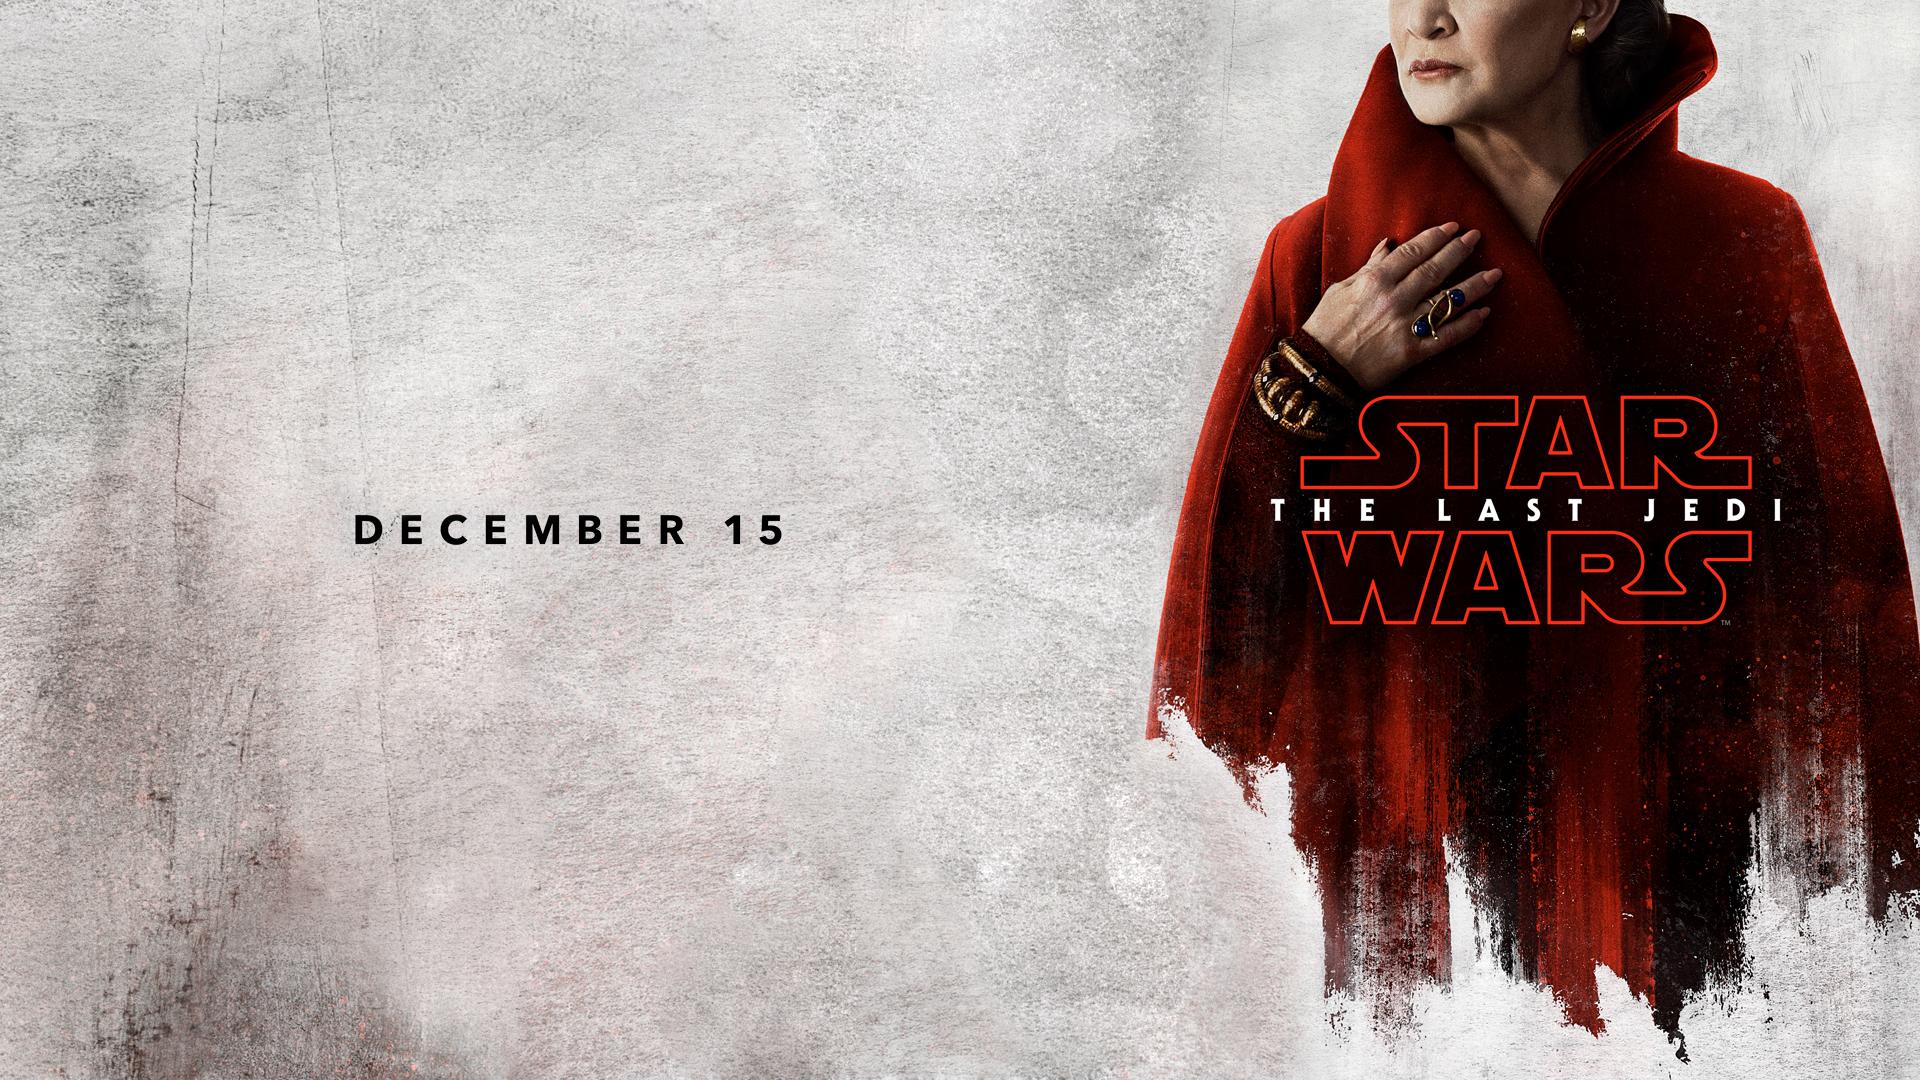 Wallpaper Star Wars The Last Jedi Movies 1920x1080 Obllivian